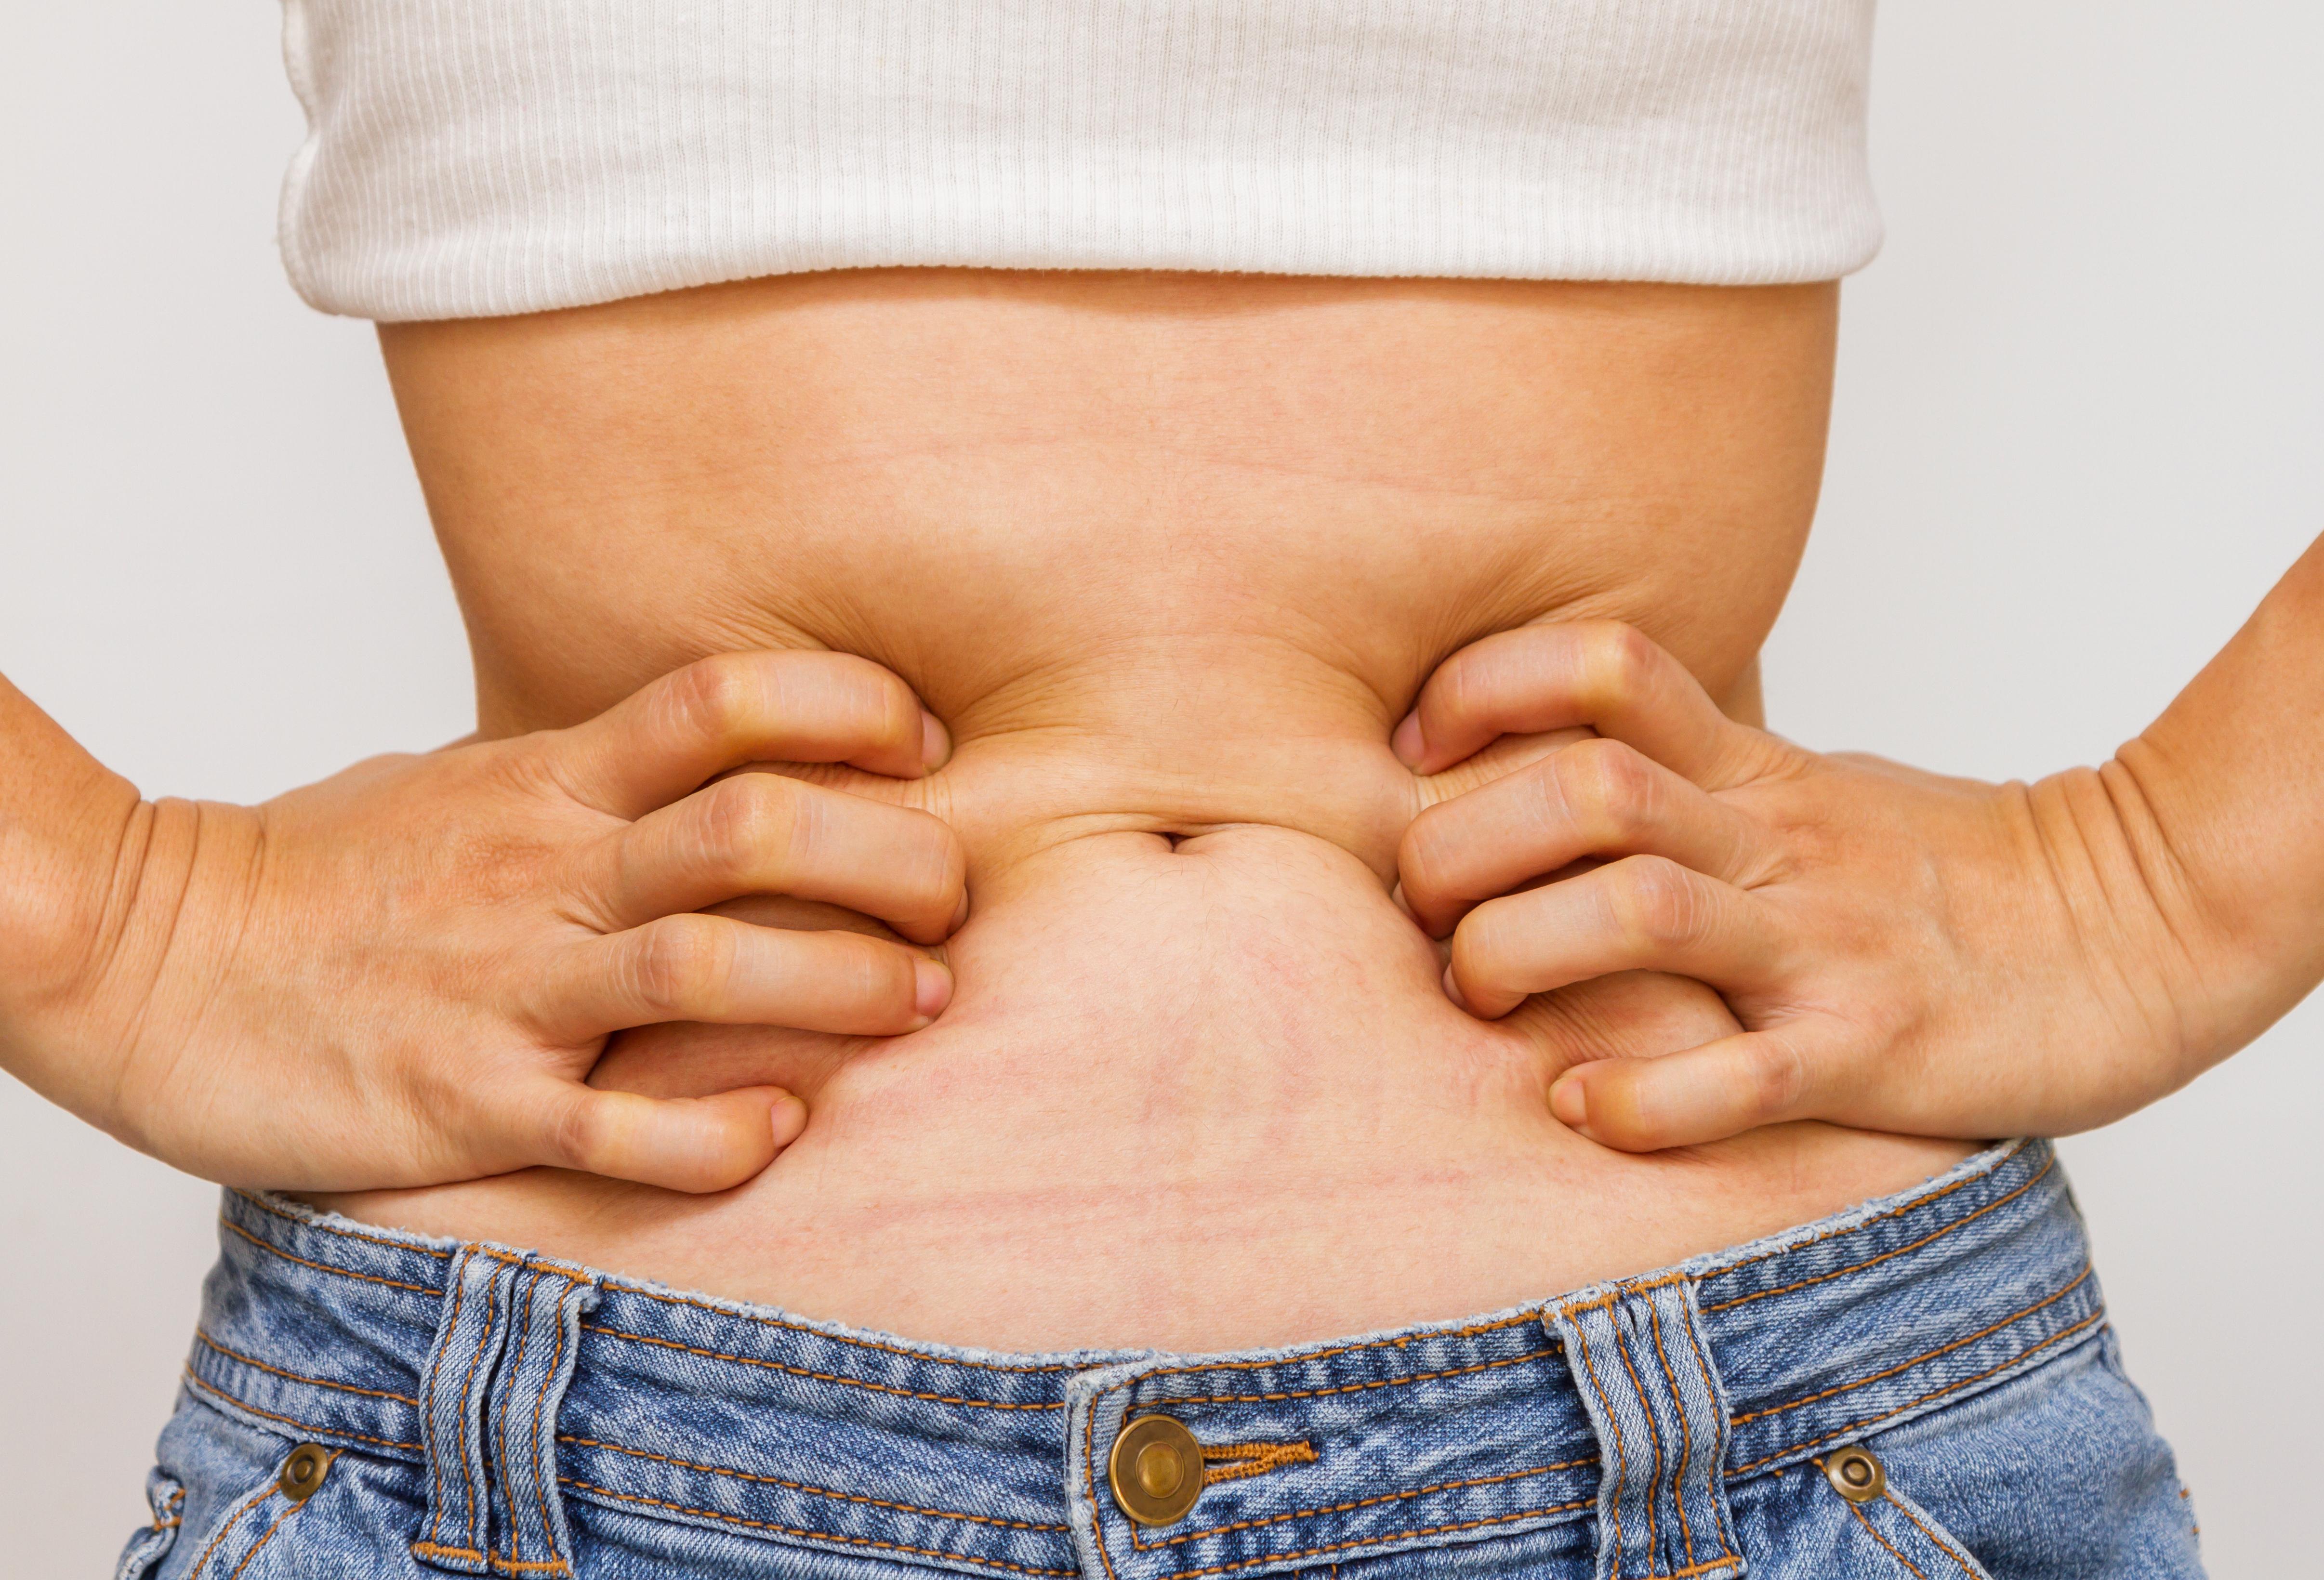 Foods that worsen your menstrual cramps